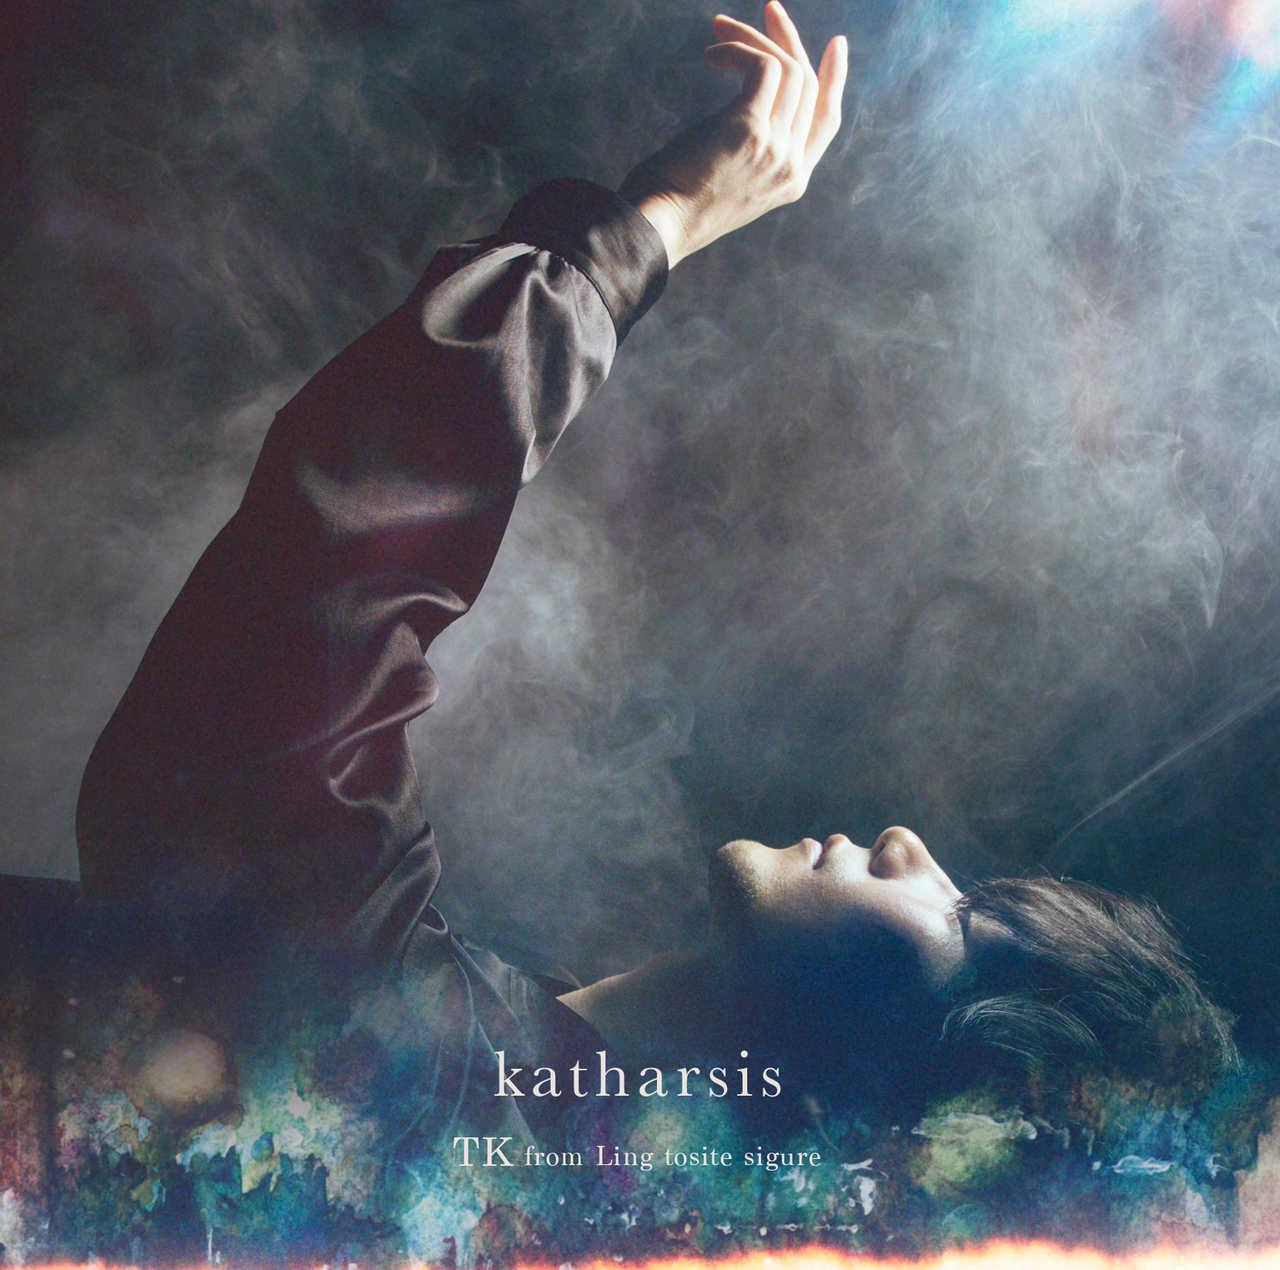 シングル「katharsis」【通常盤】